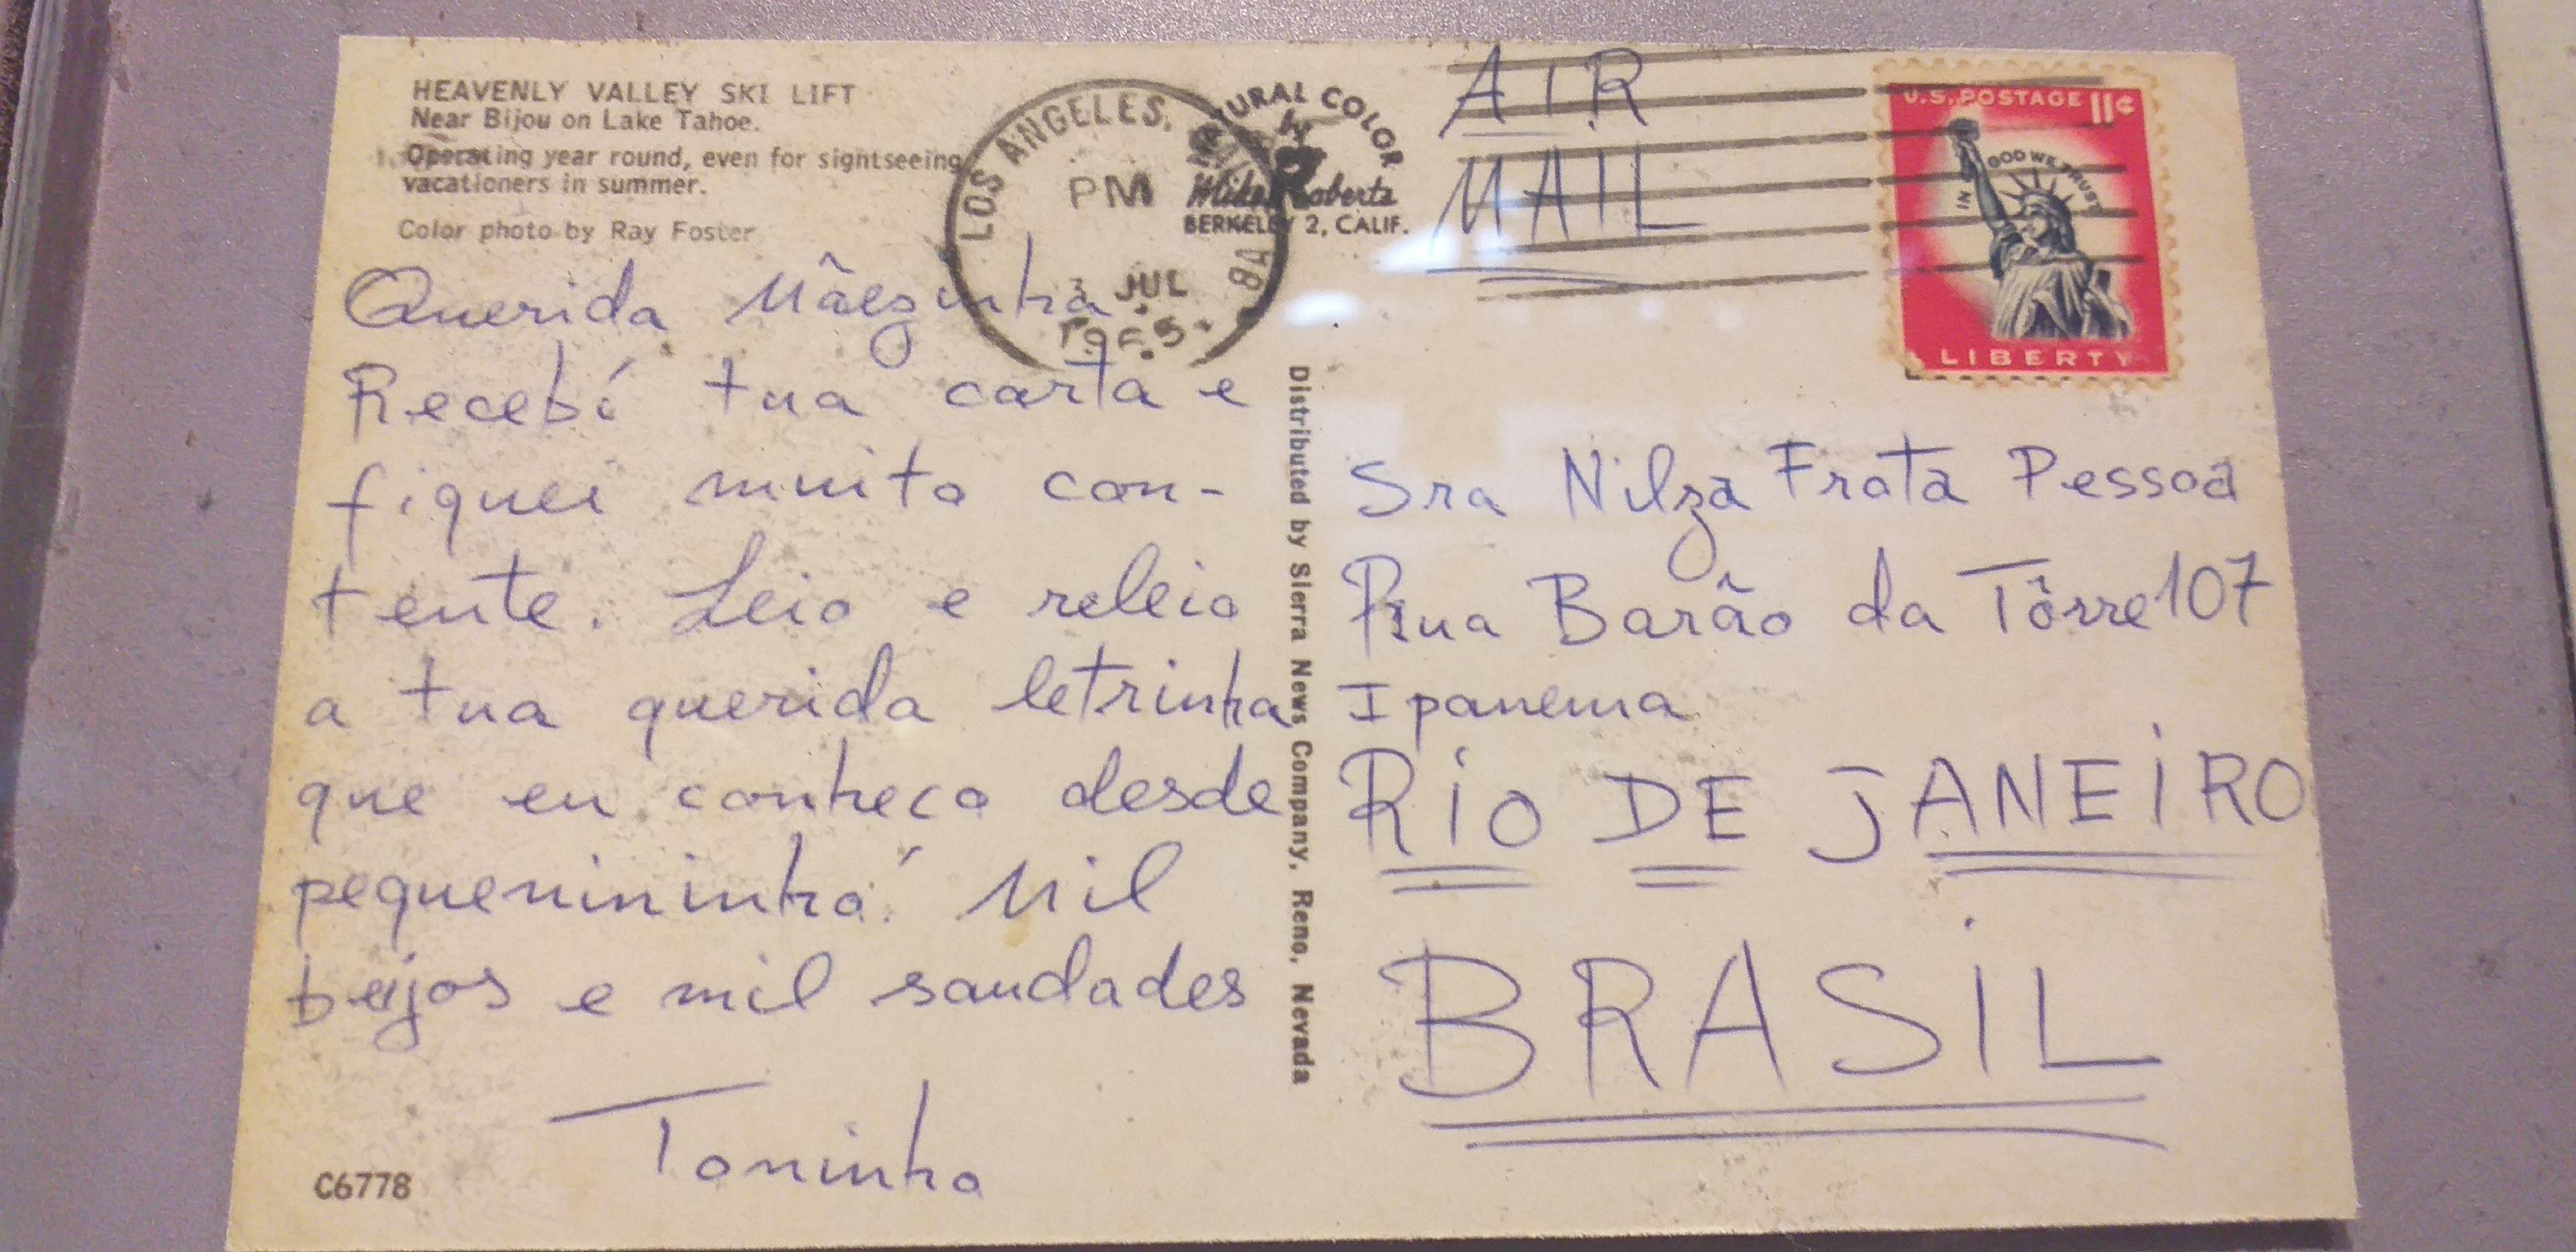 Carta escrita à mãe de Tom Jobim